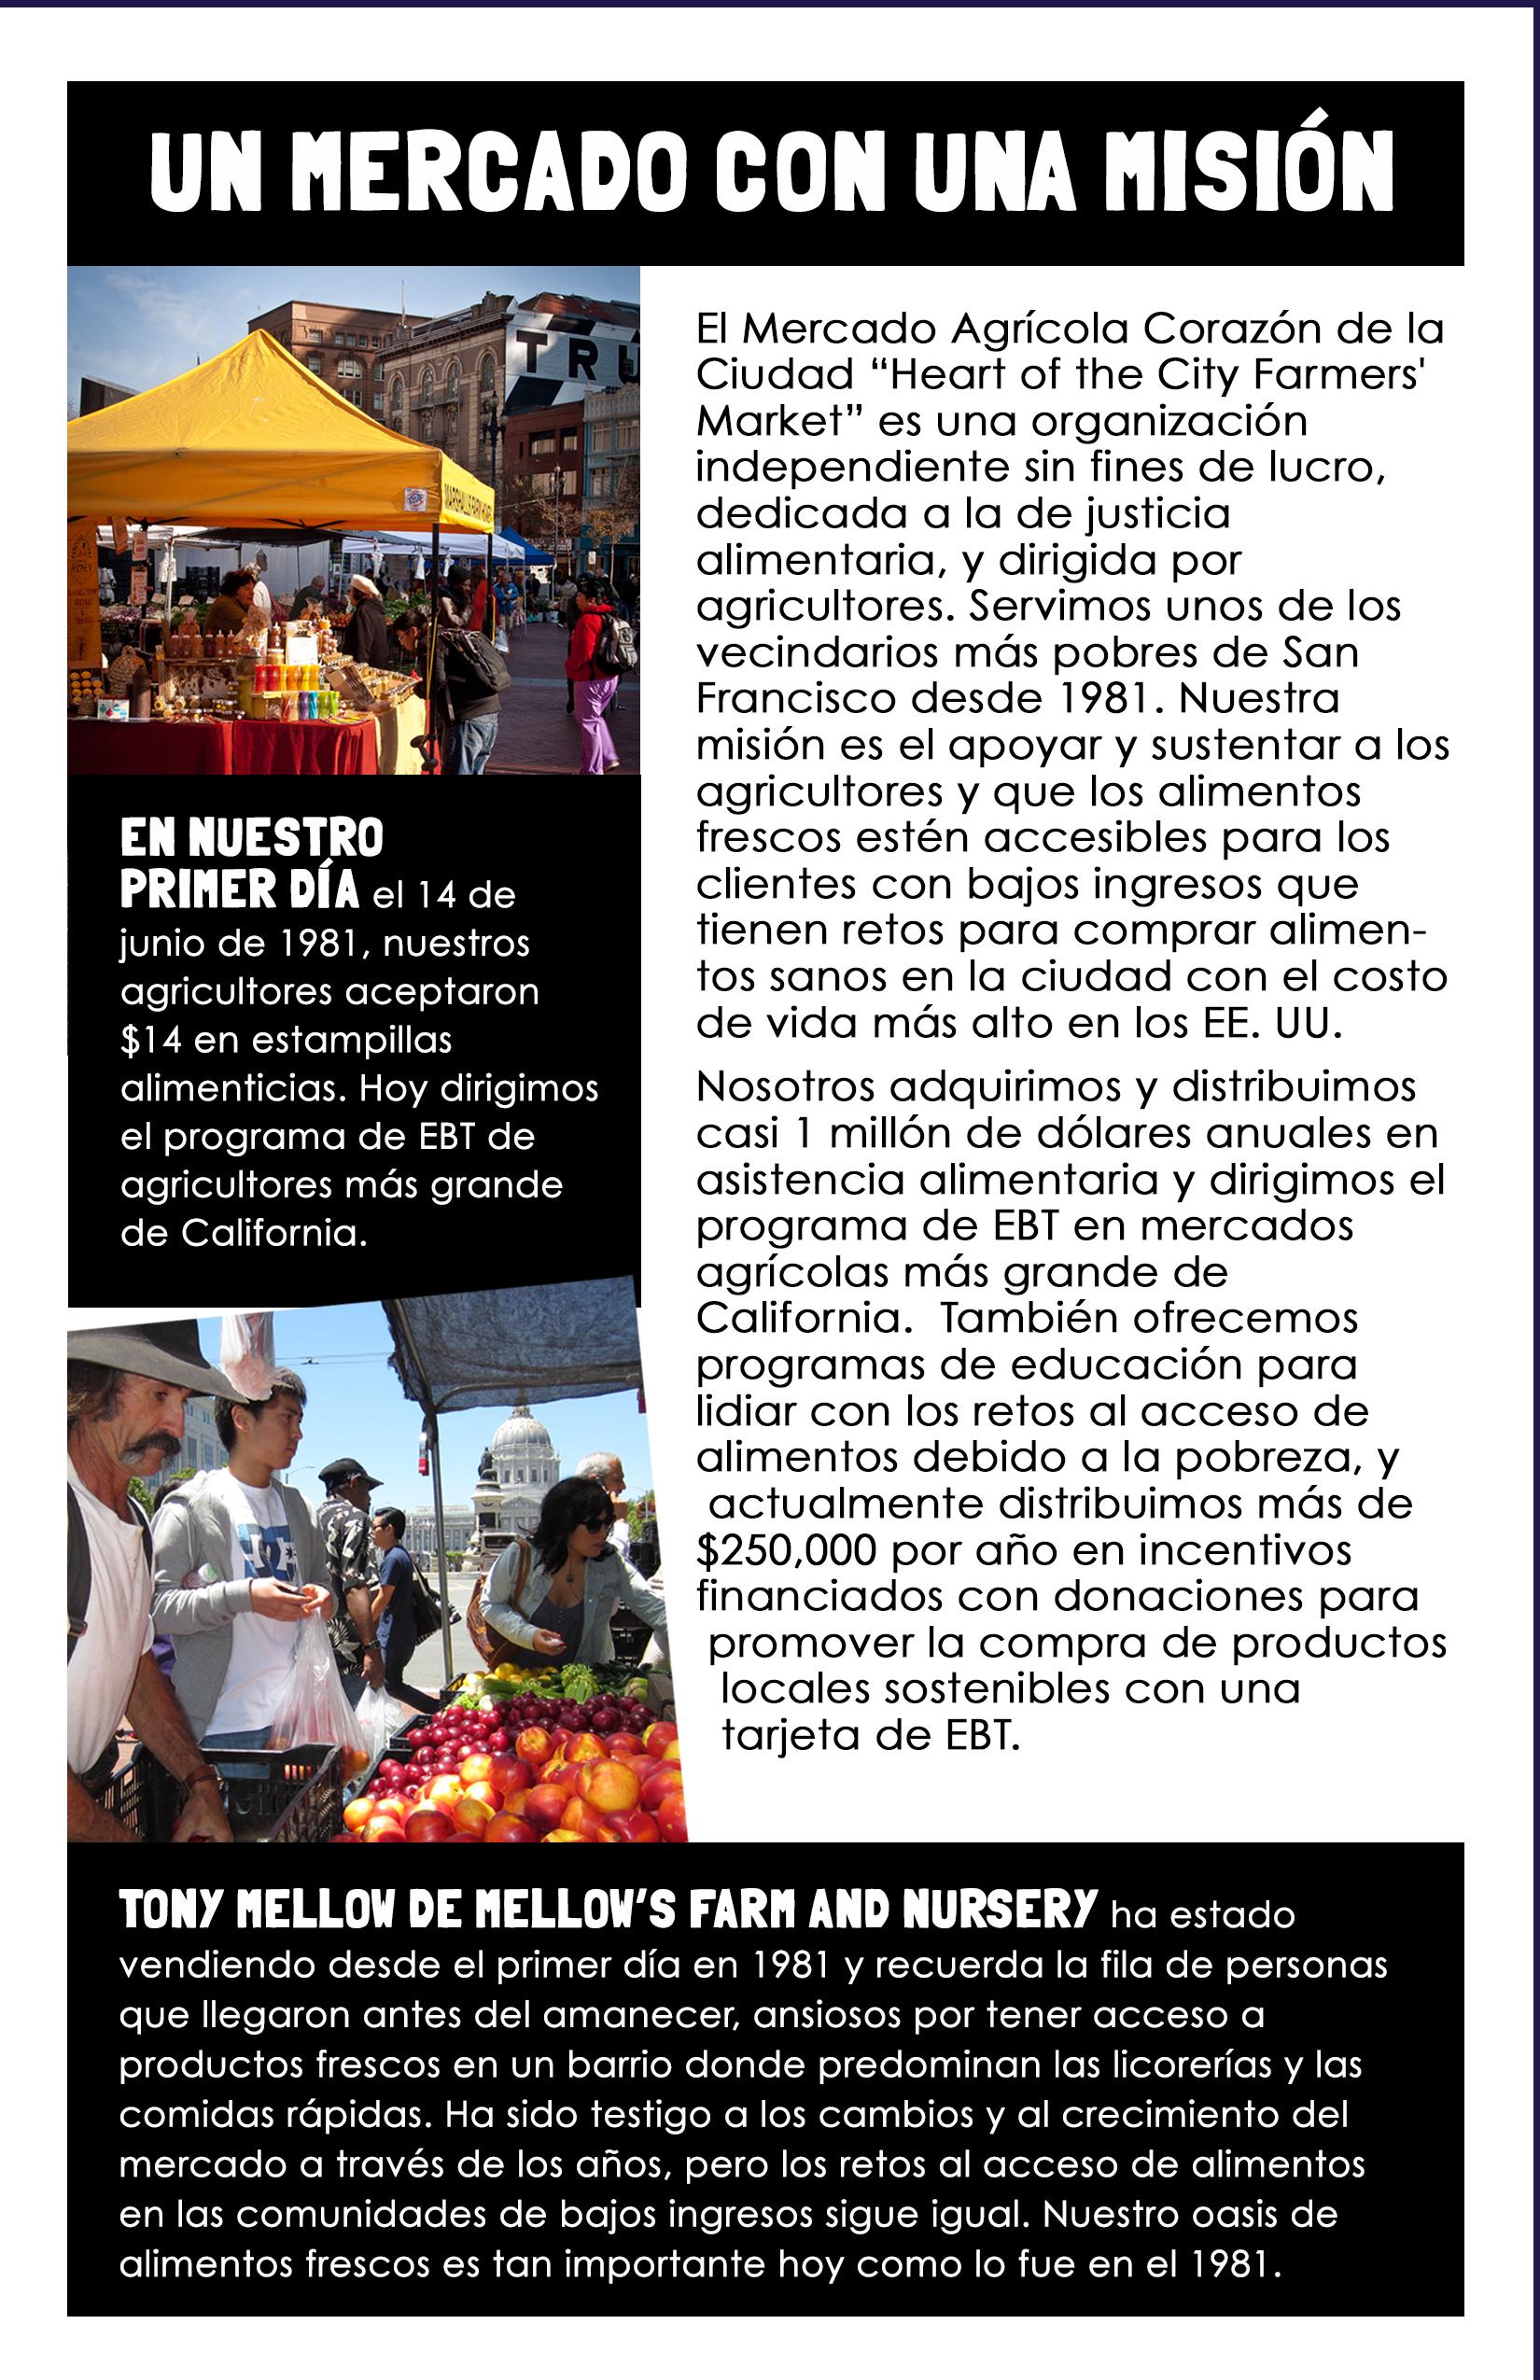 HOCFM Flier_About Us_Spanish.jpg